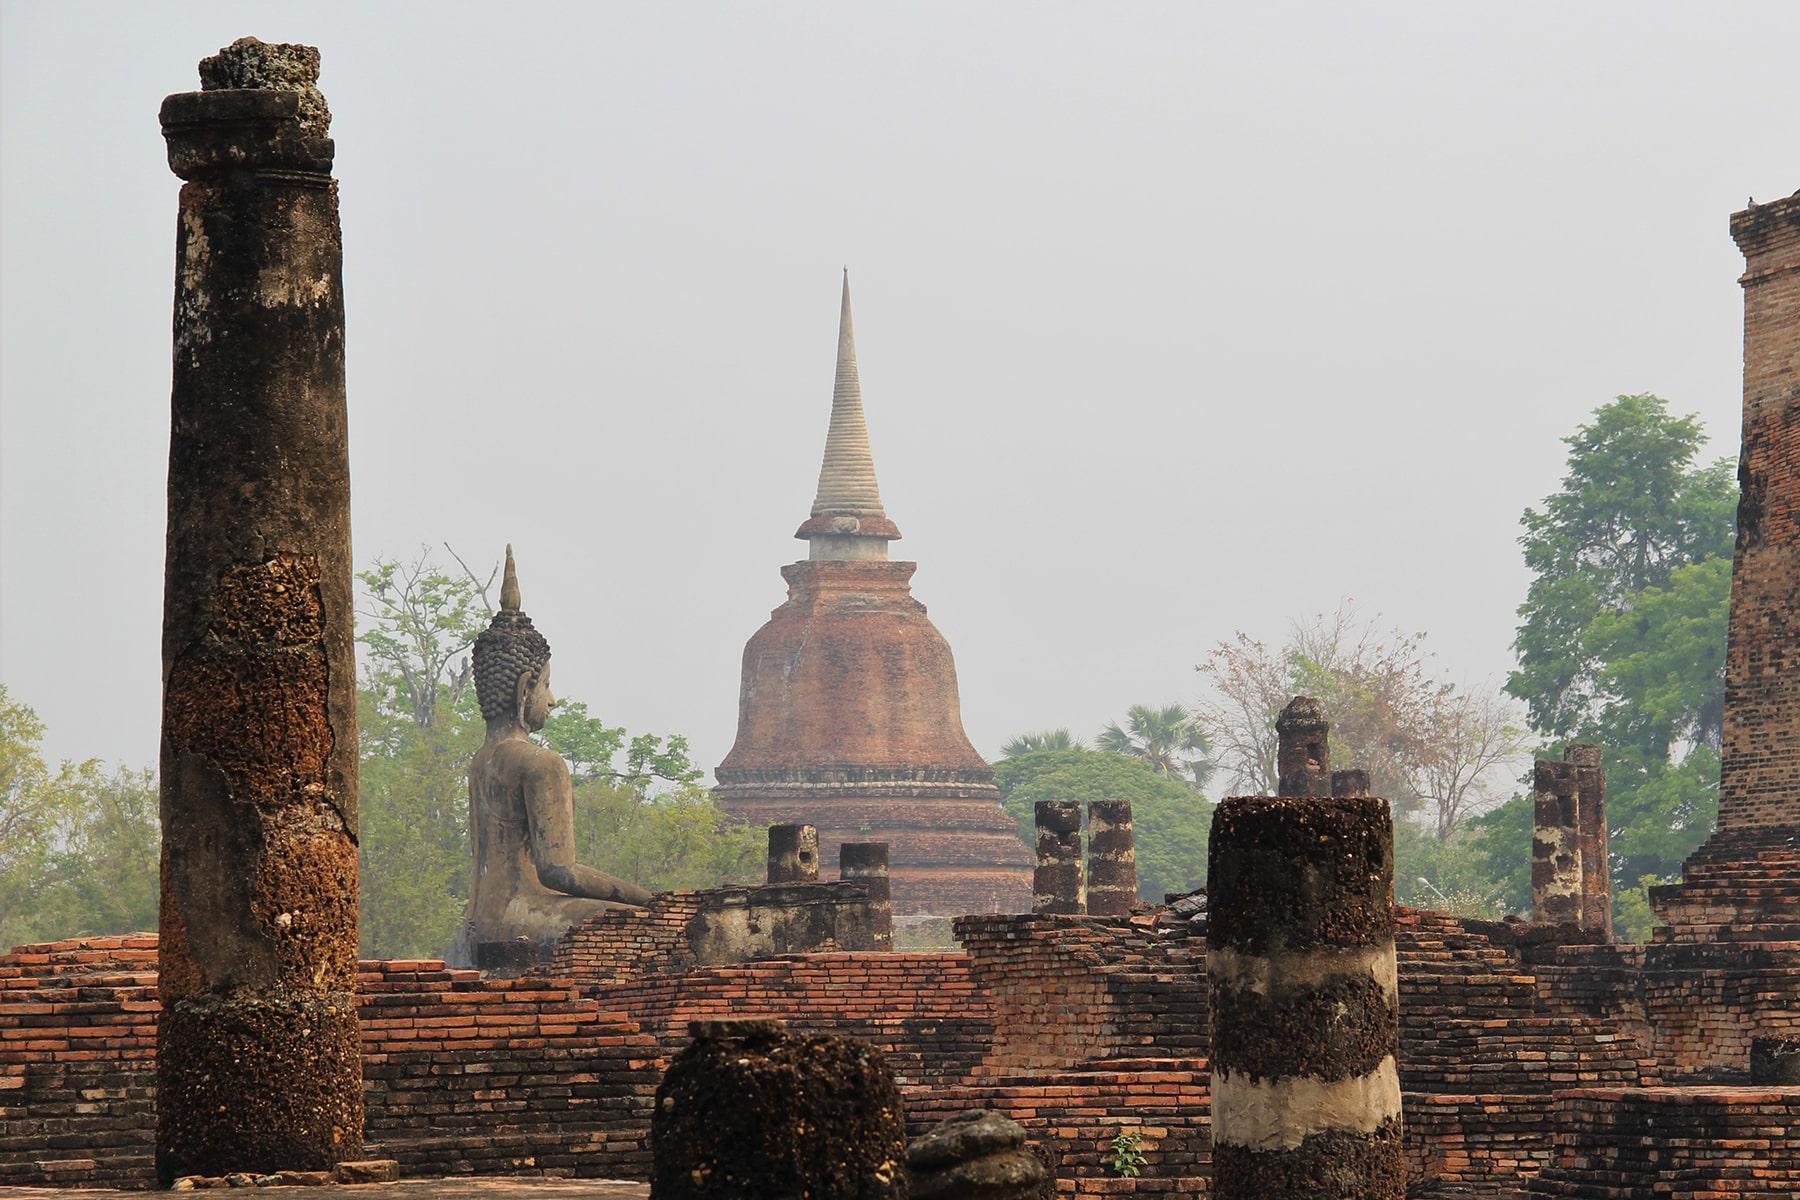 Colonnes, Statue de Bouddha et Stupa dans le brouillard dans le parc historique de Sukhothaï